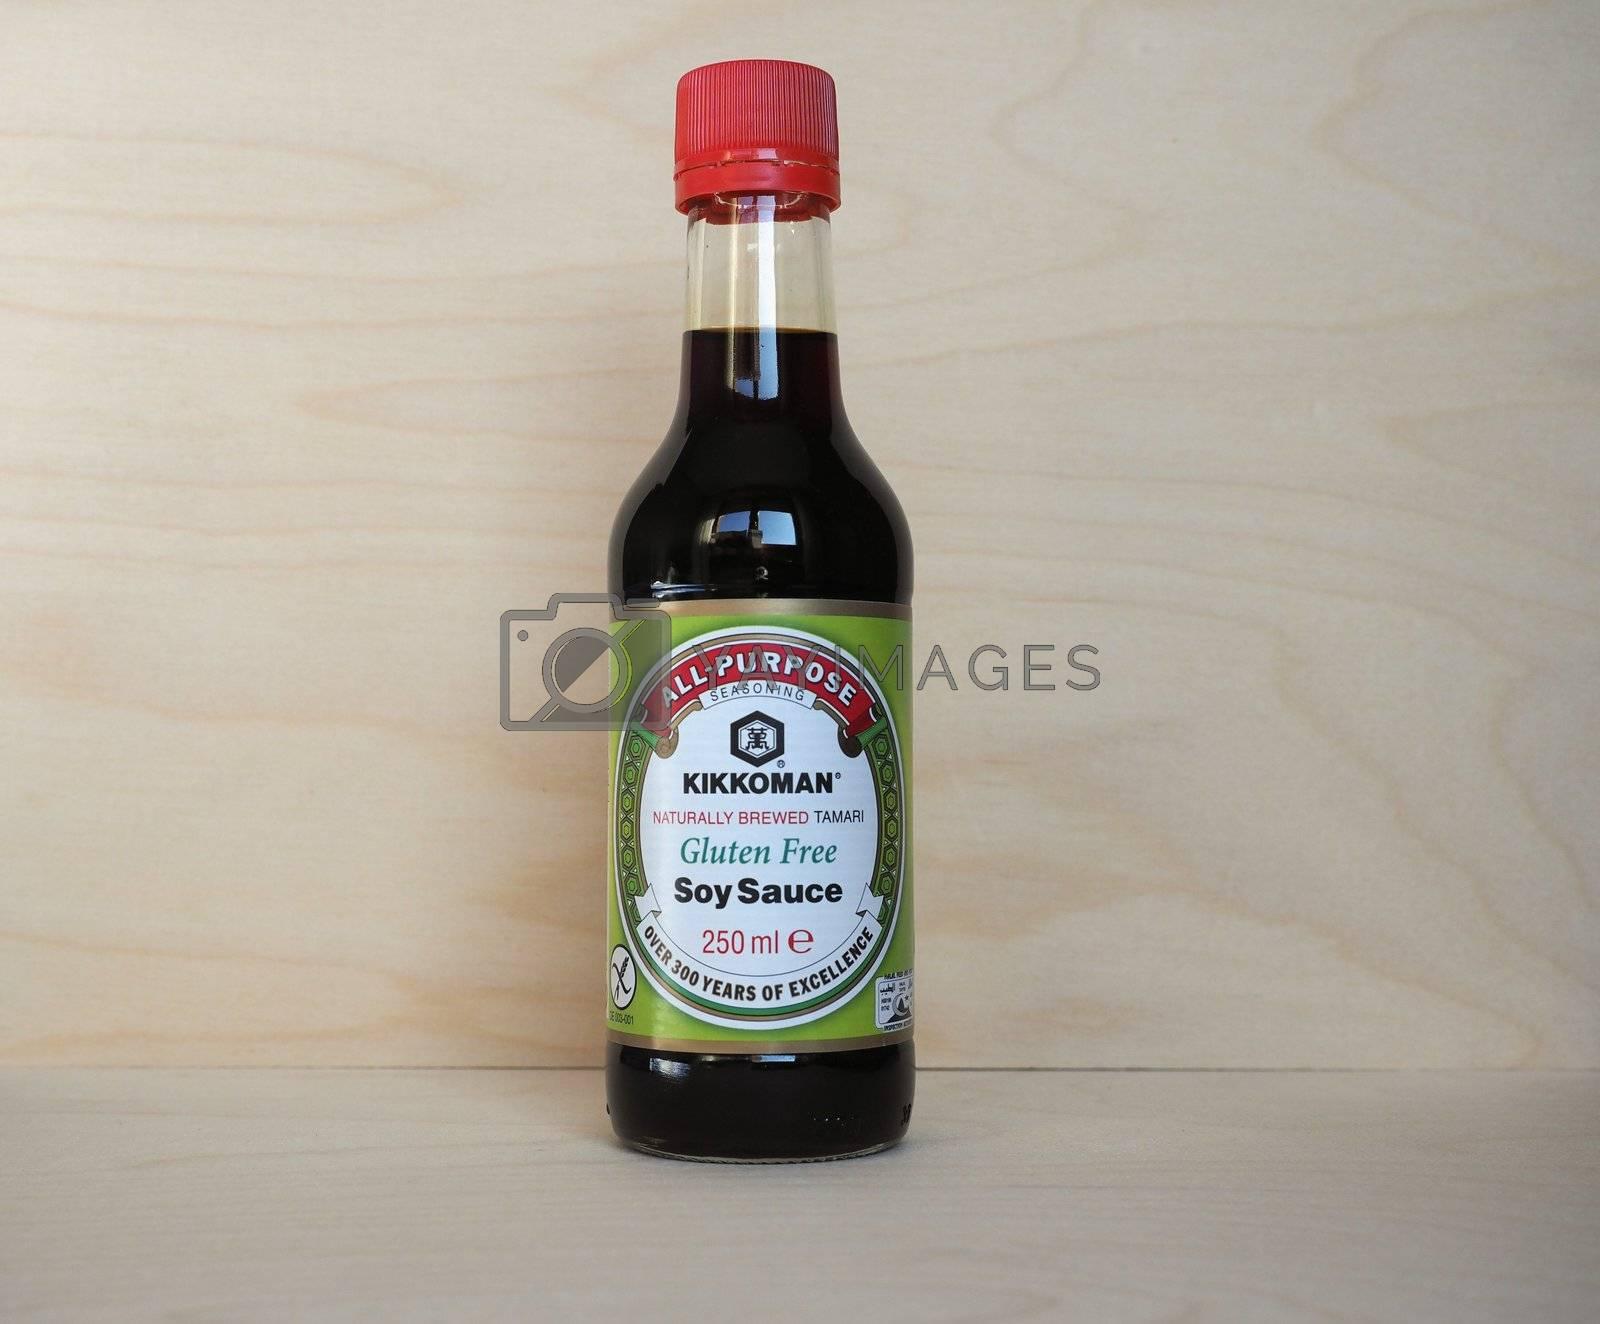 TOKYO, JAPAN - CIRCA MARCH 2020: Kikkoman soy sauce bottle